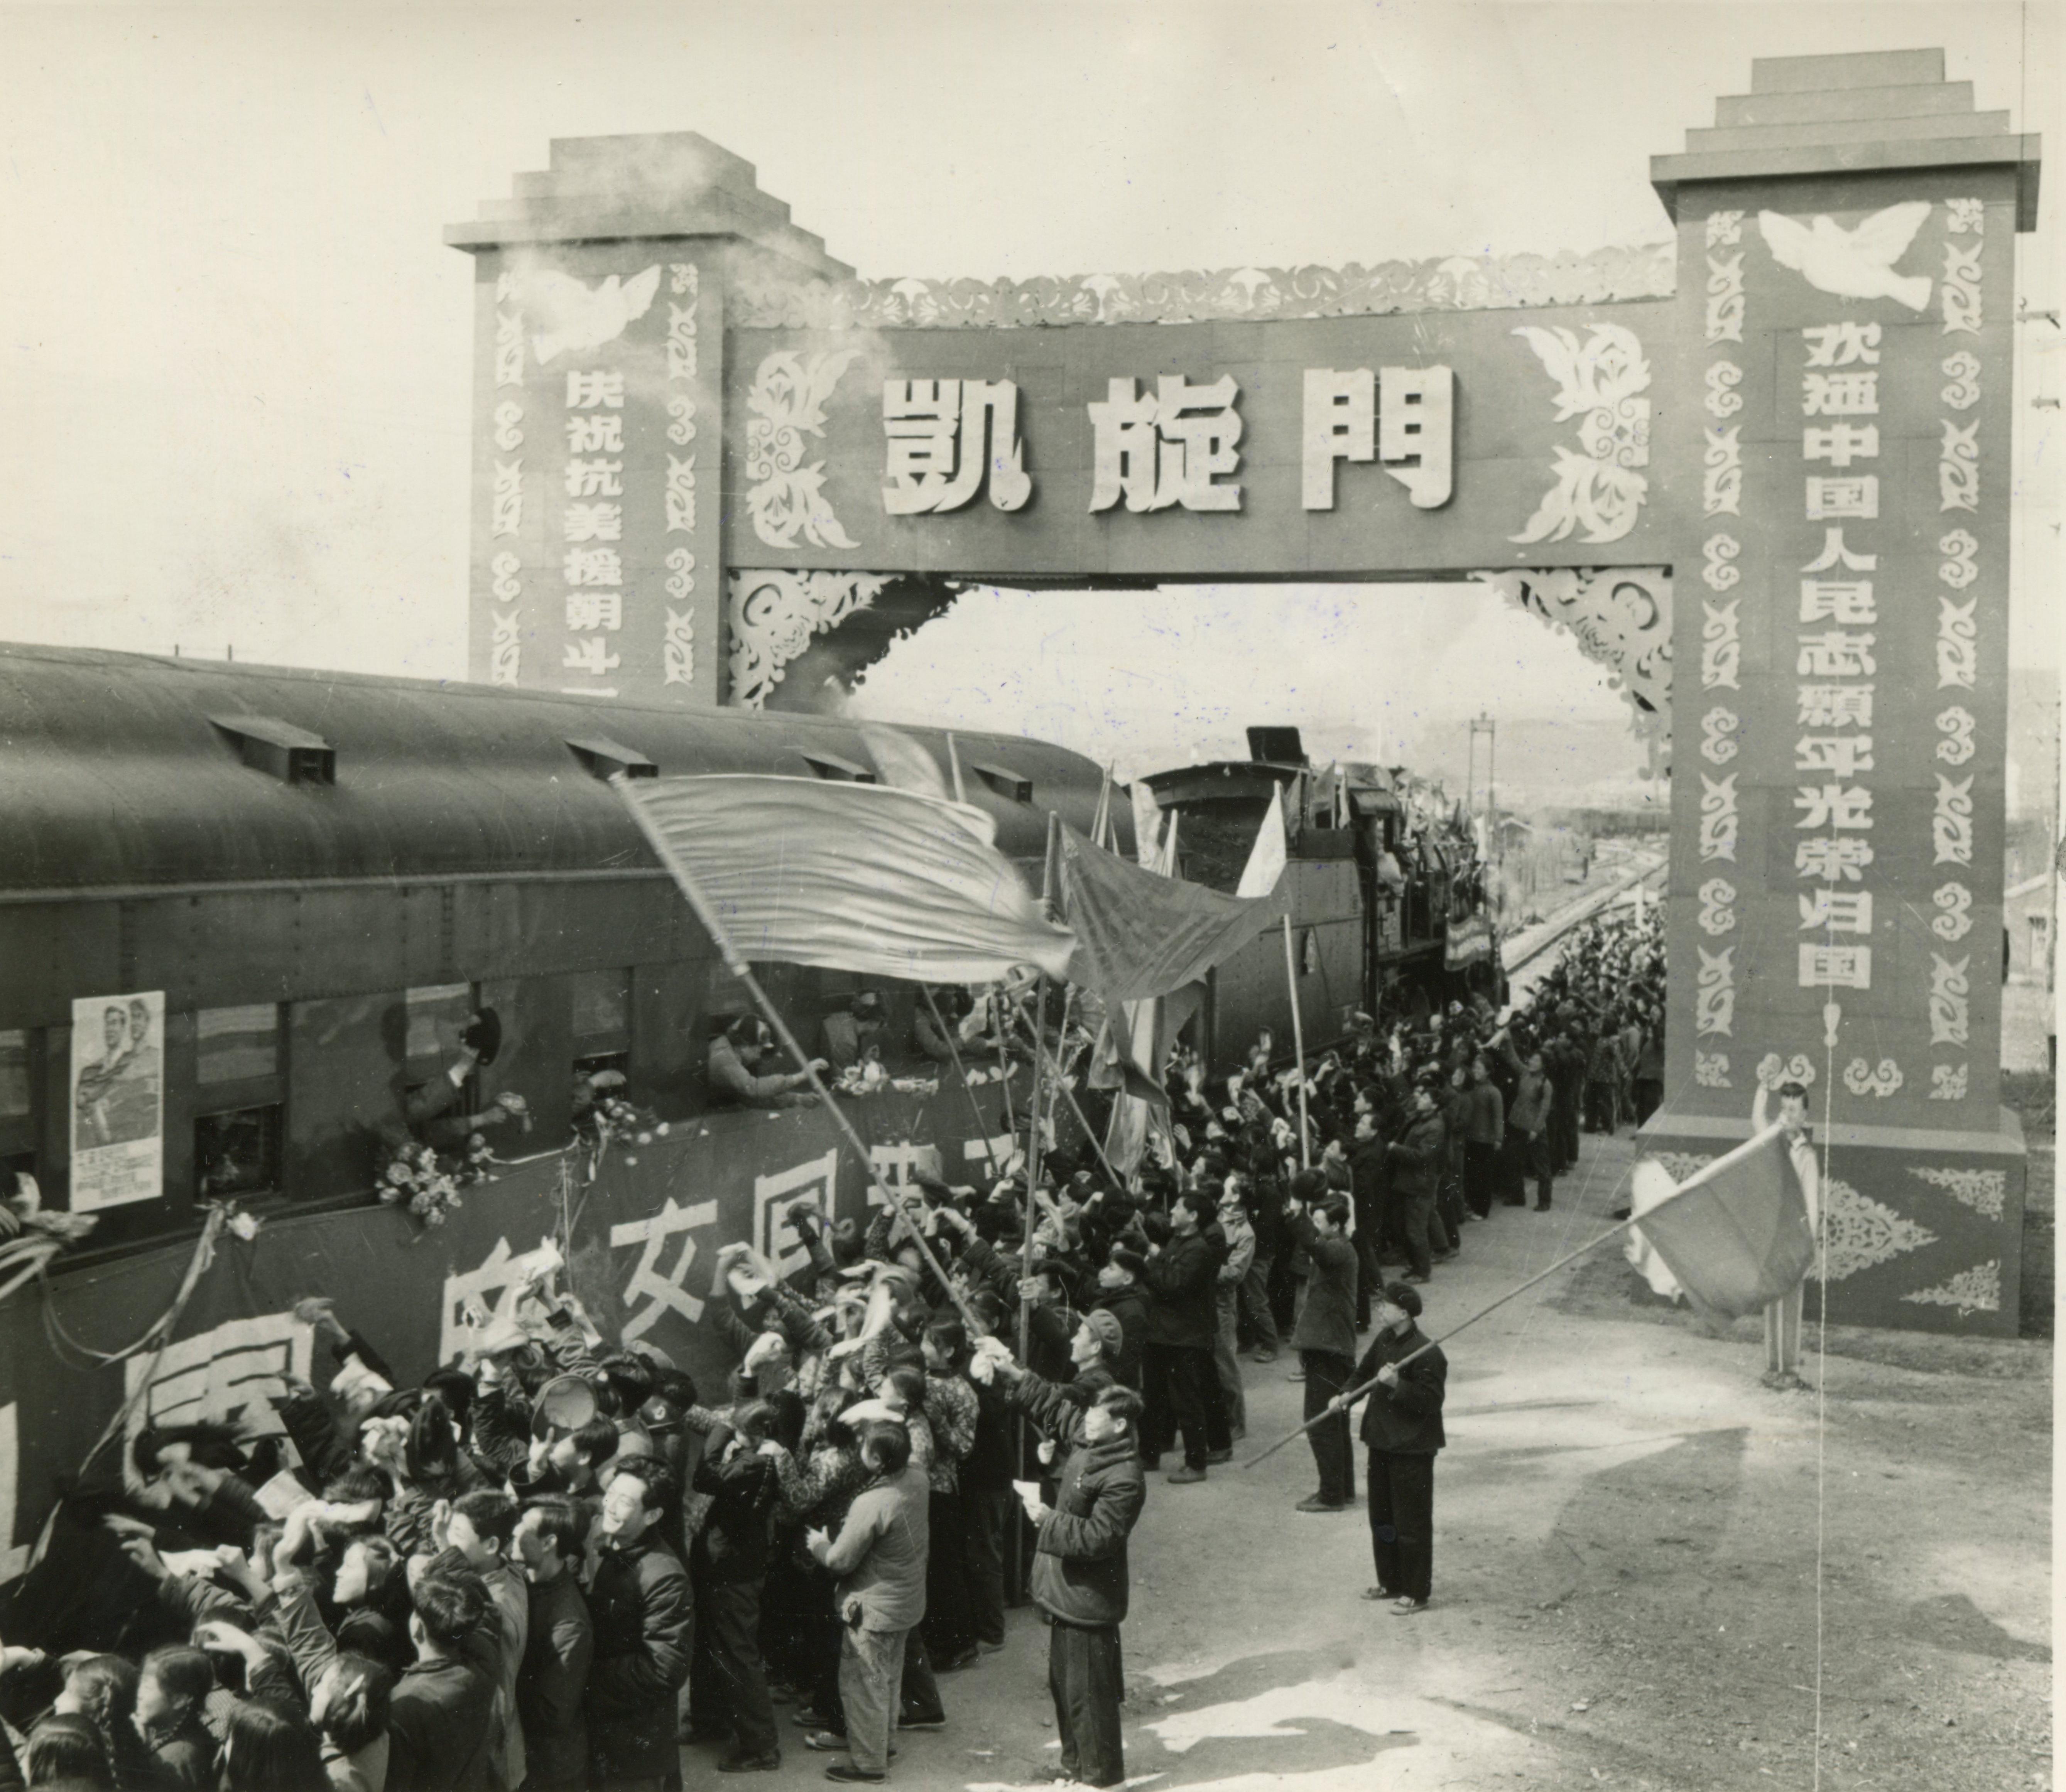 19540920 志願軍首批歸國部隊到達祖國邊境城市安東,經過祖國人民搭起的凱旋門。(資料圖片)